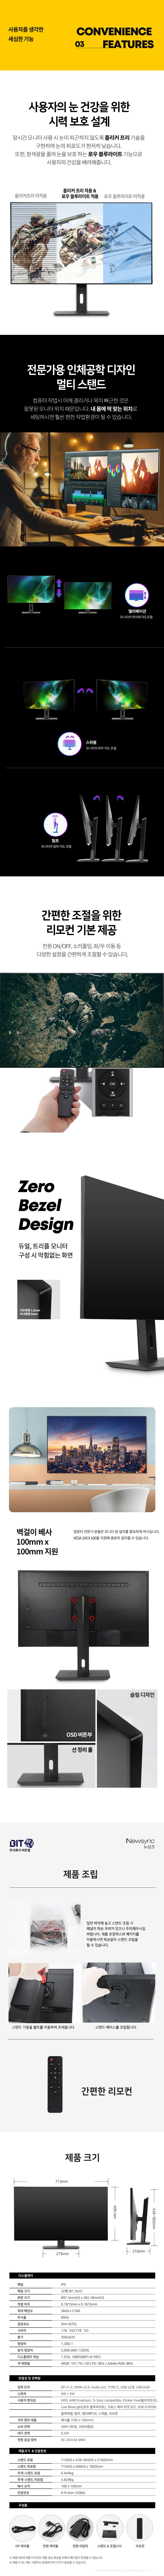 비트엠 Newsync 3280U 4K HDR 멀티스탠드 PD